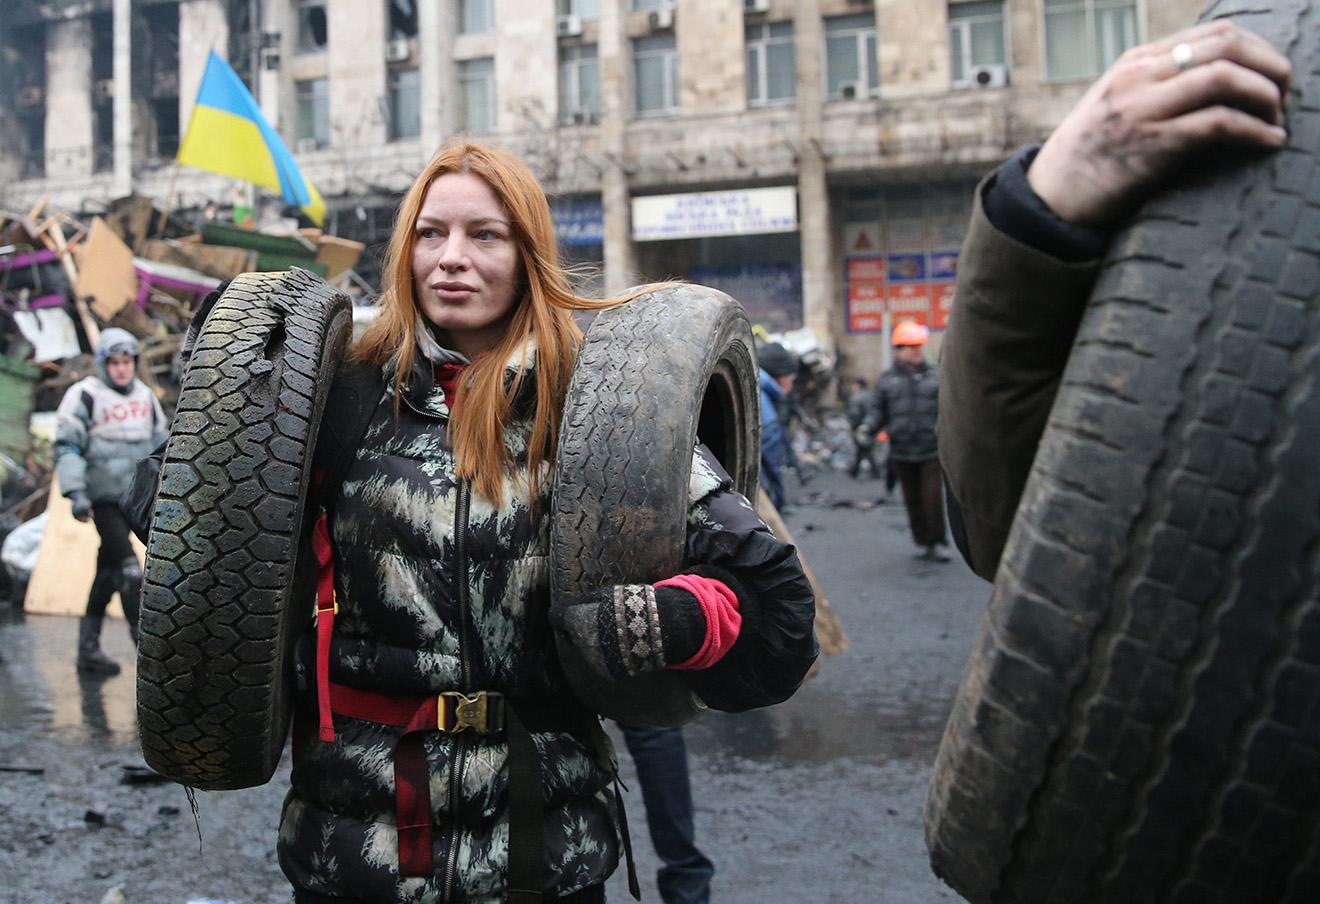 Участница столкновений на Майдане незалежности в Киеве, 2014 год.